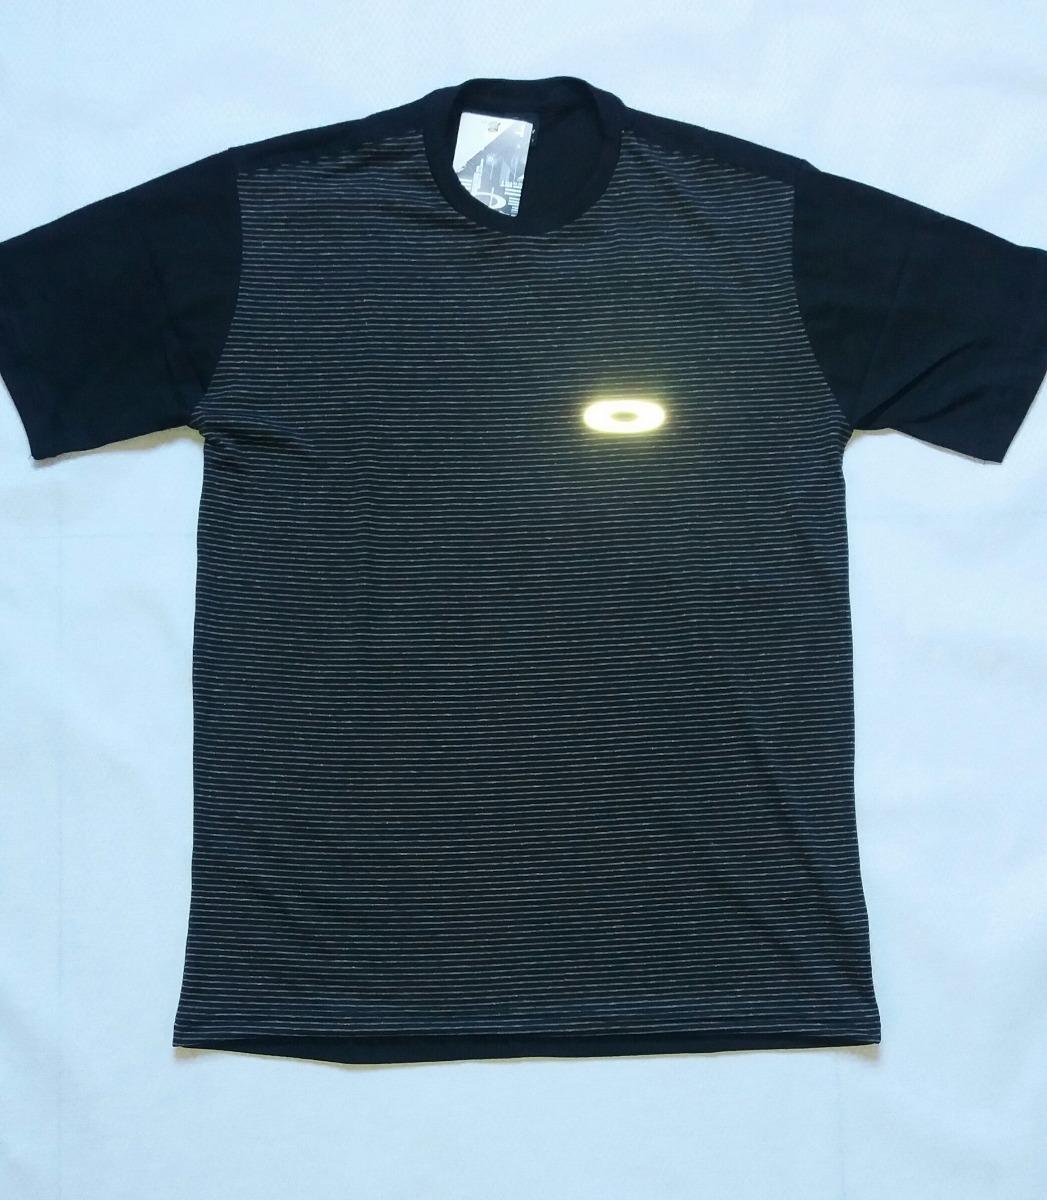 Top Camiseta Oakley Masculina Nova Camiseta Oakley Refletiva - R  38 ... 0cfe590fec527